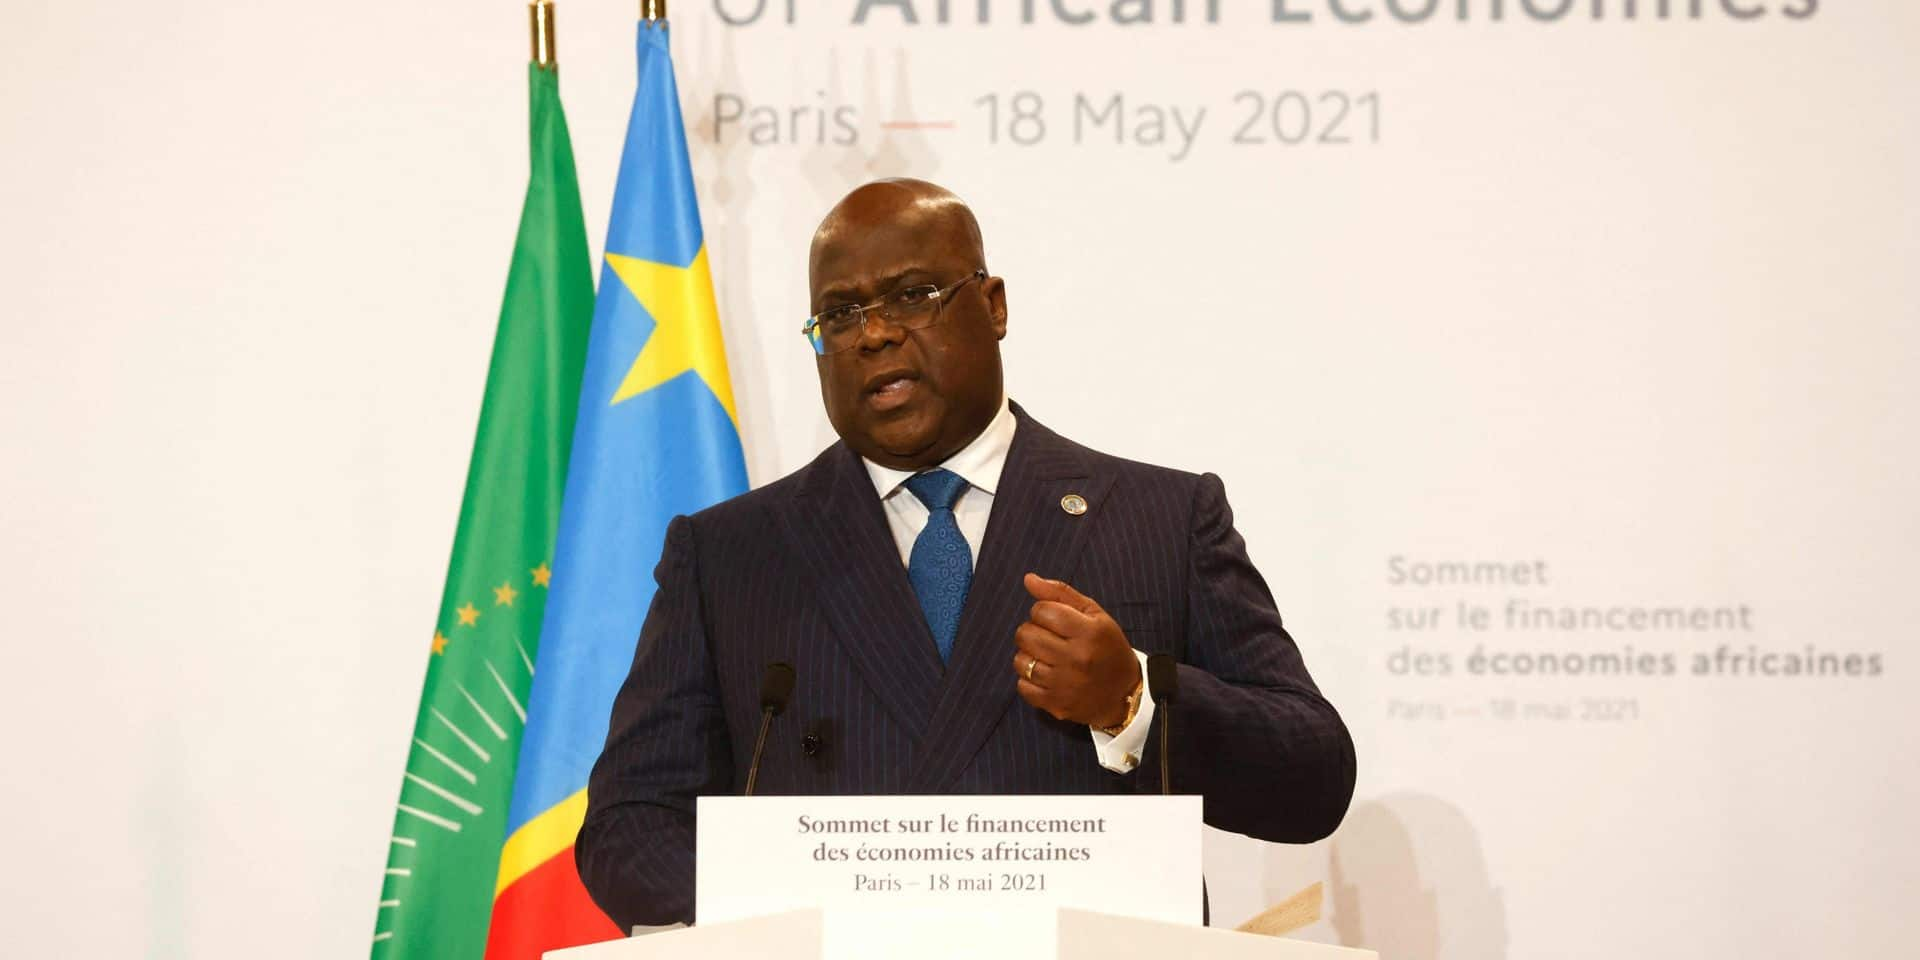 """Crimes en RDC: en pleine polémique sur des propos de Kagame, Tshisekedi demande """"justice"""""""